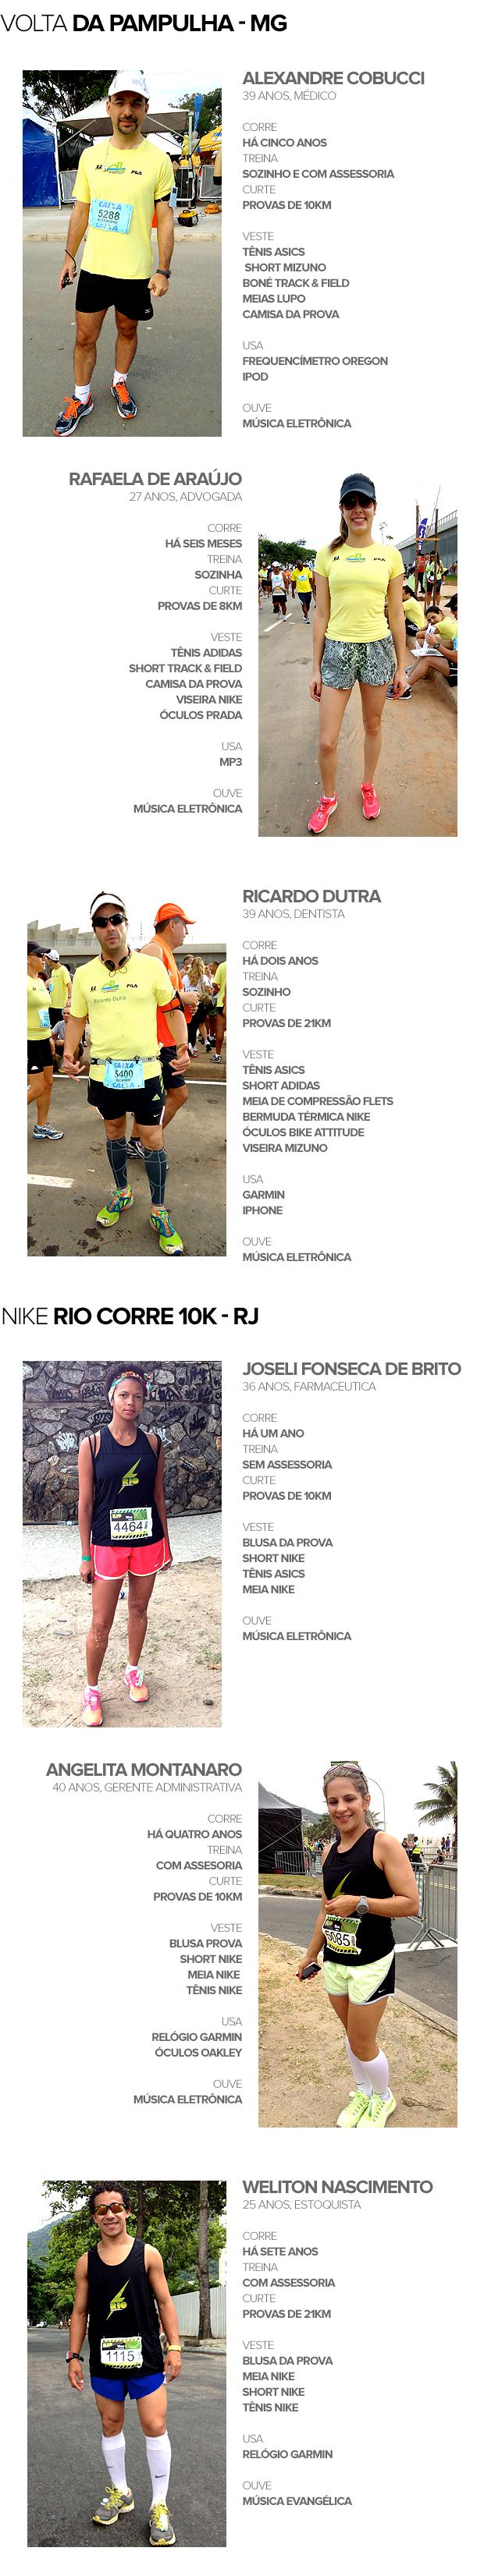 Estilo Corredor Volta da Pampulha e Nike Rio Corre 10K Eu Atleta (Foto: Editoria de Arte / Globoesporte.com)